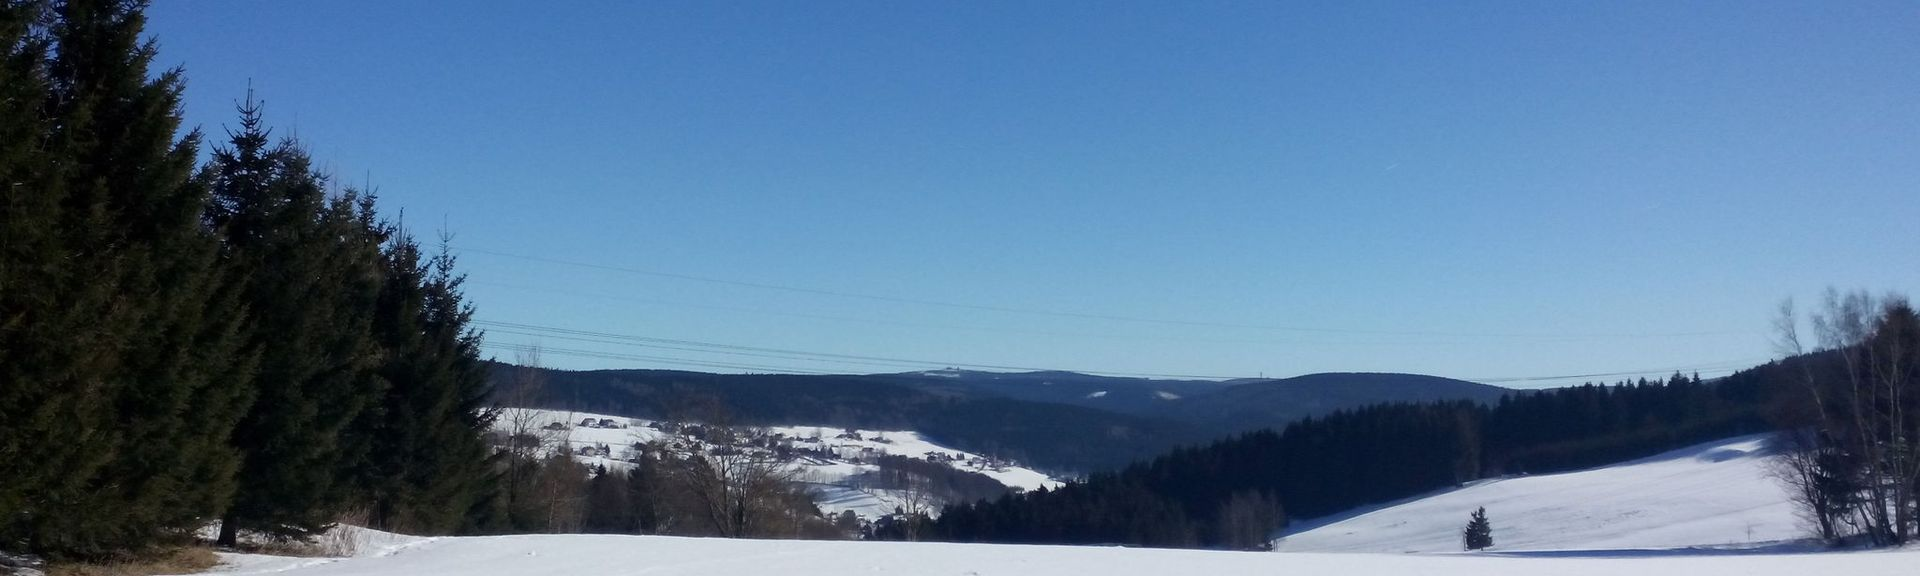 Grünhain-Beierfeld, Sachsen, Deutschland